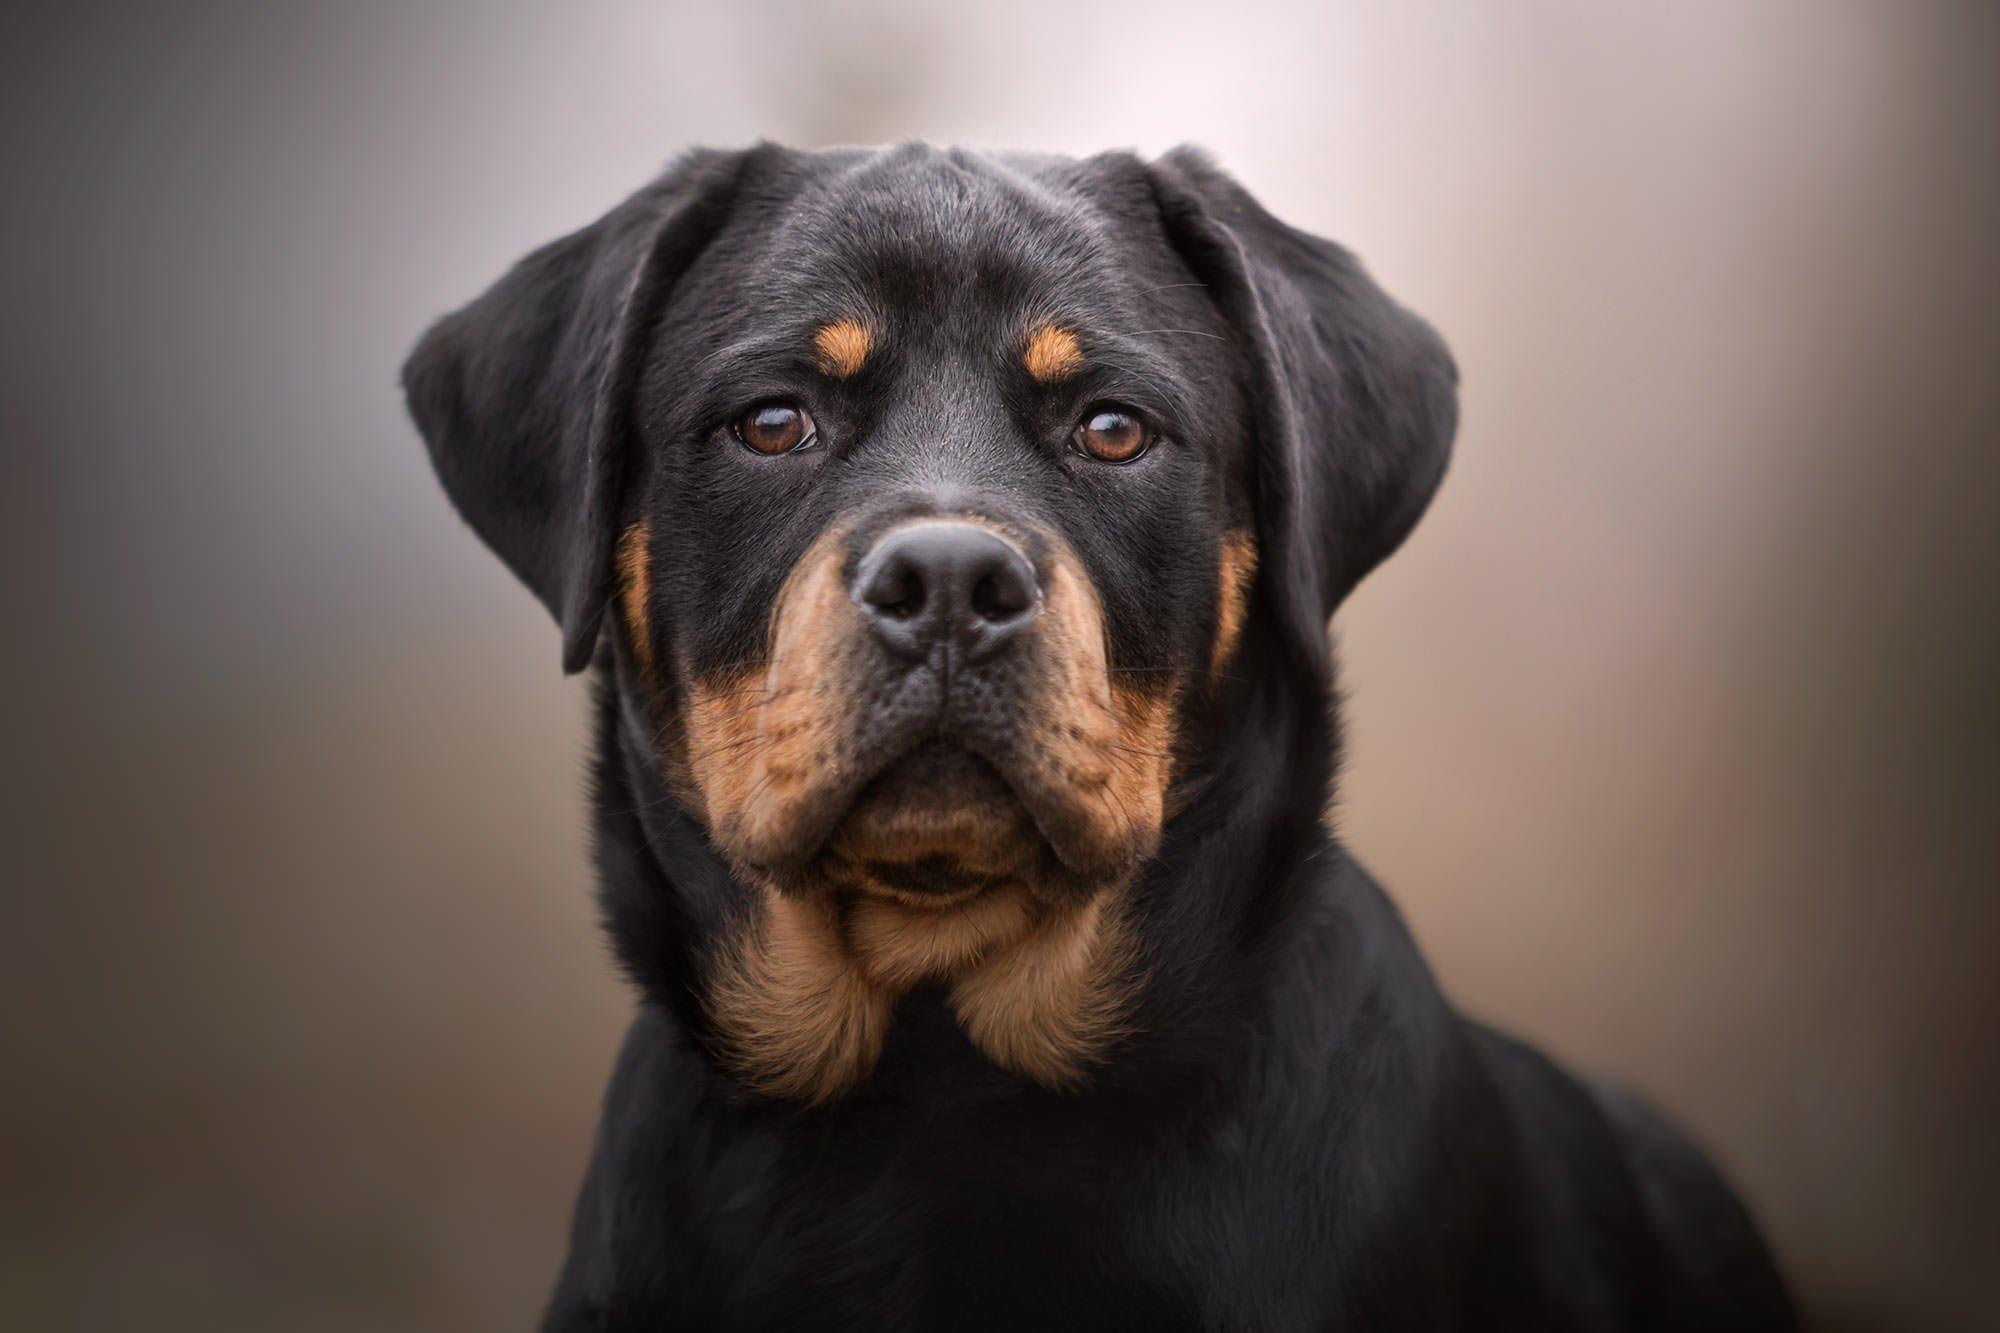 Ritratto fotografico per animali domestici